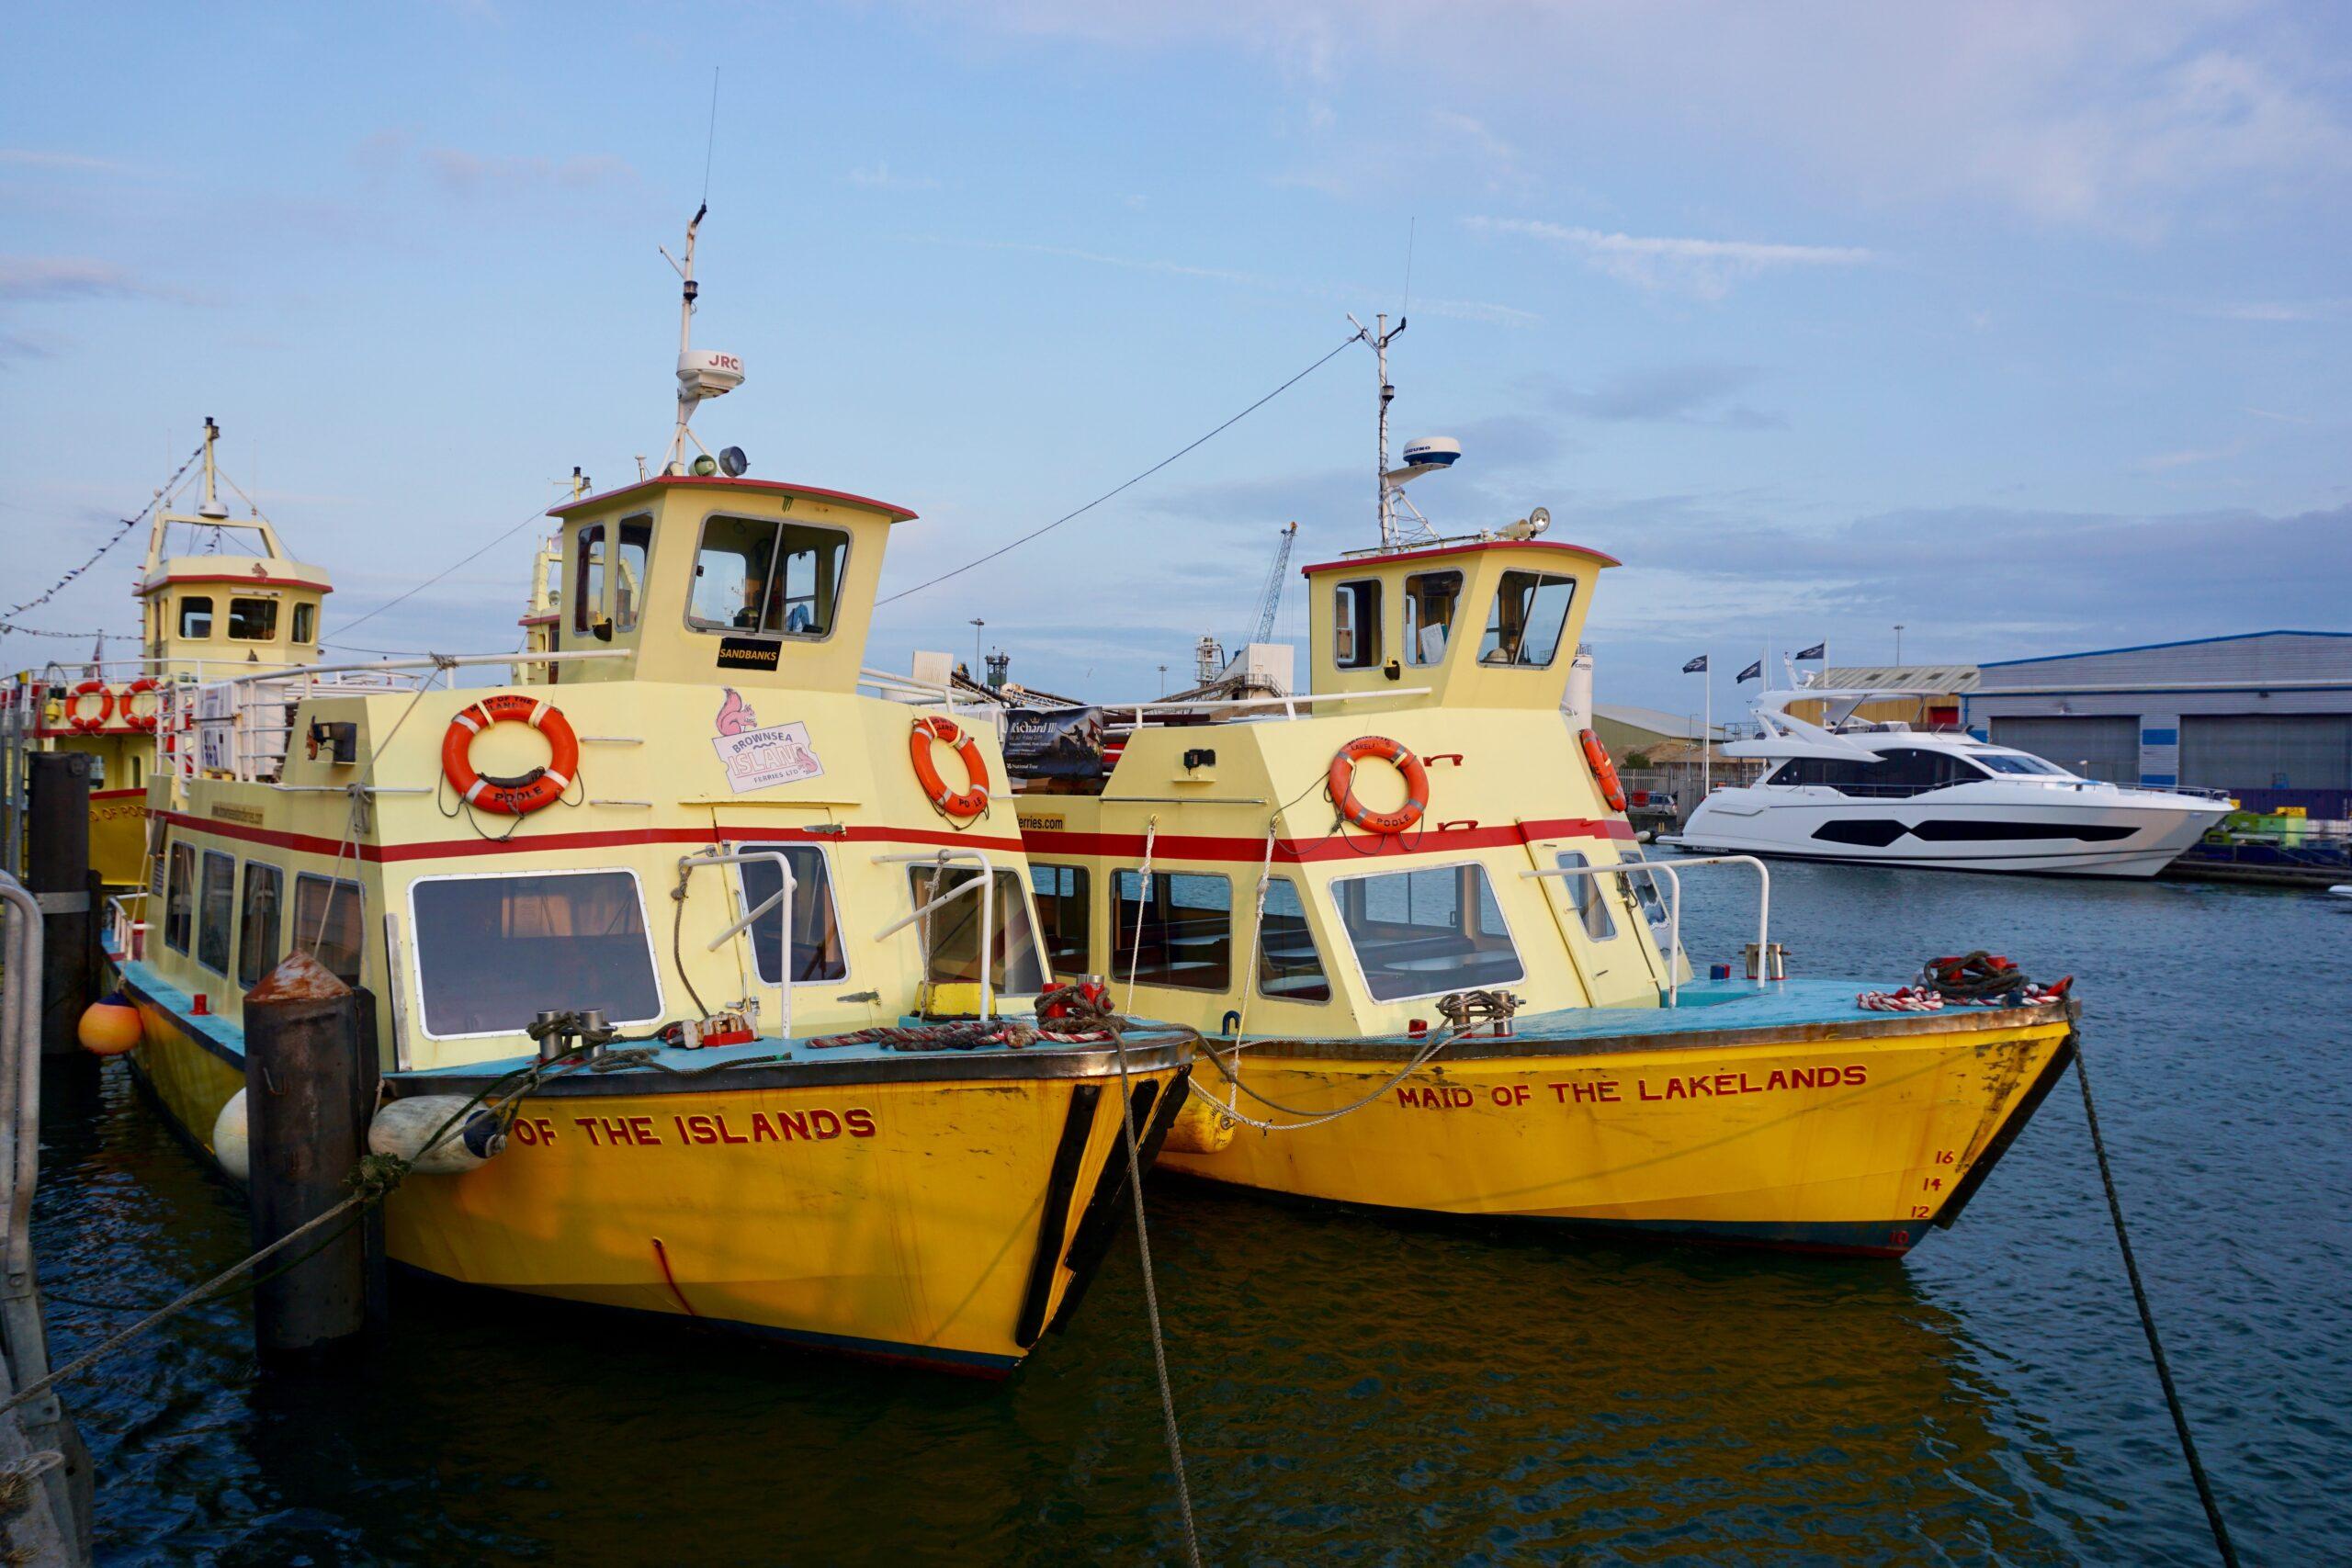 Brownsea Island Ferries | Brownsea Island